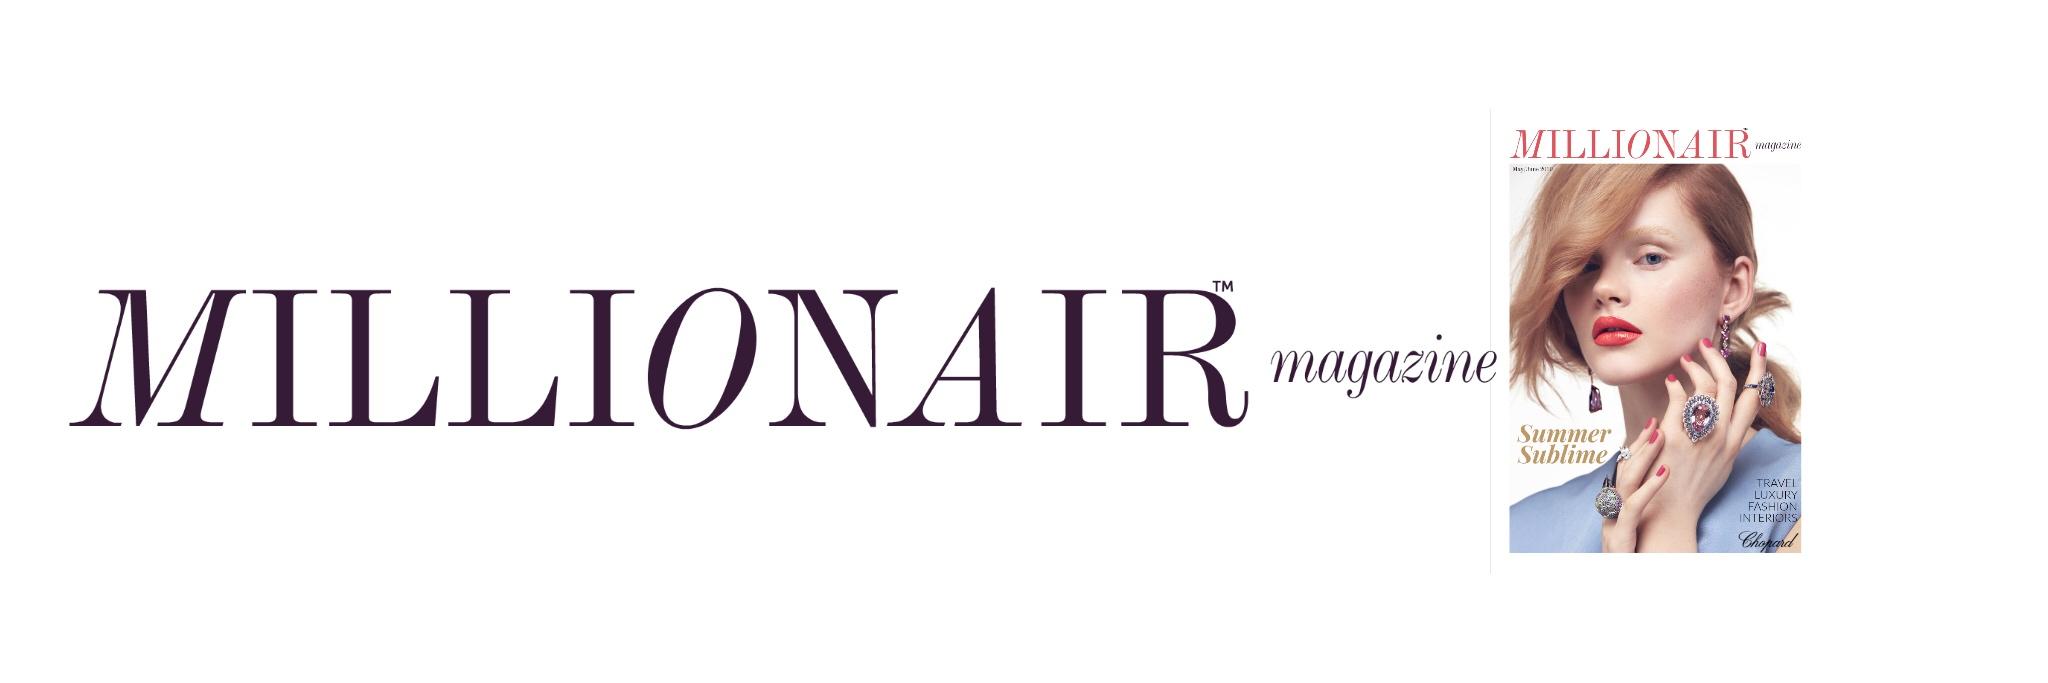 MilliOnAi Magazine